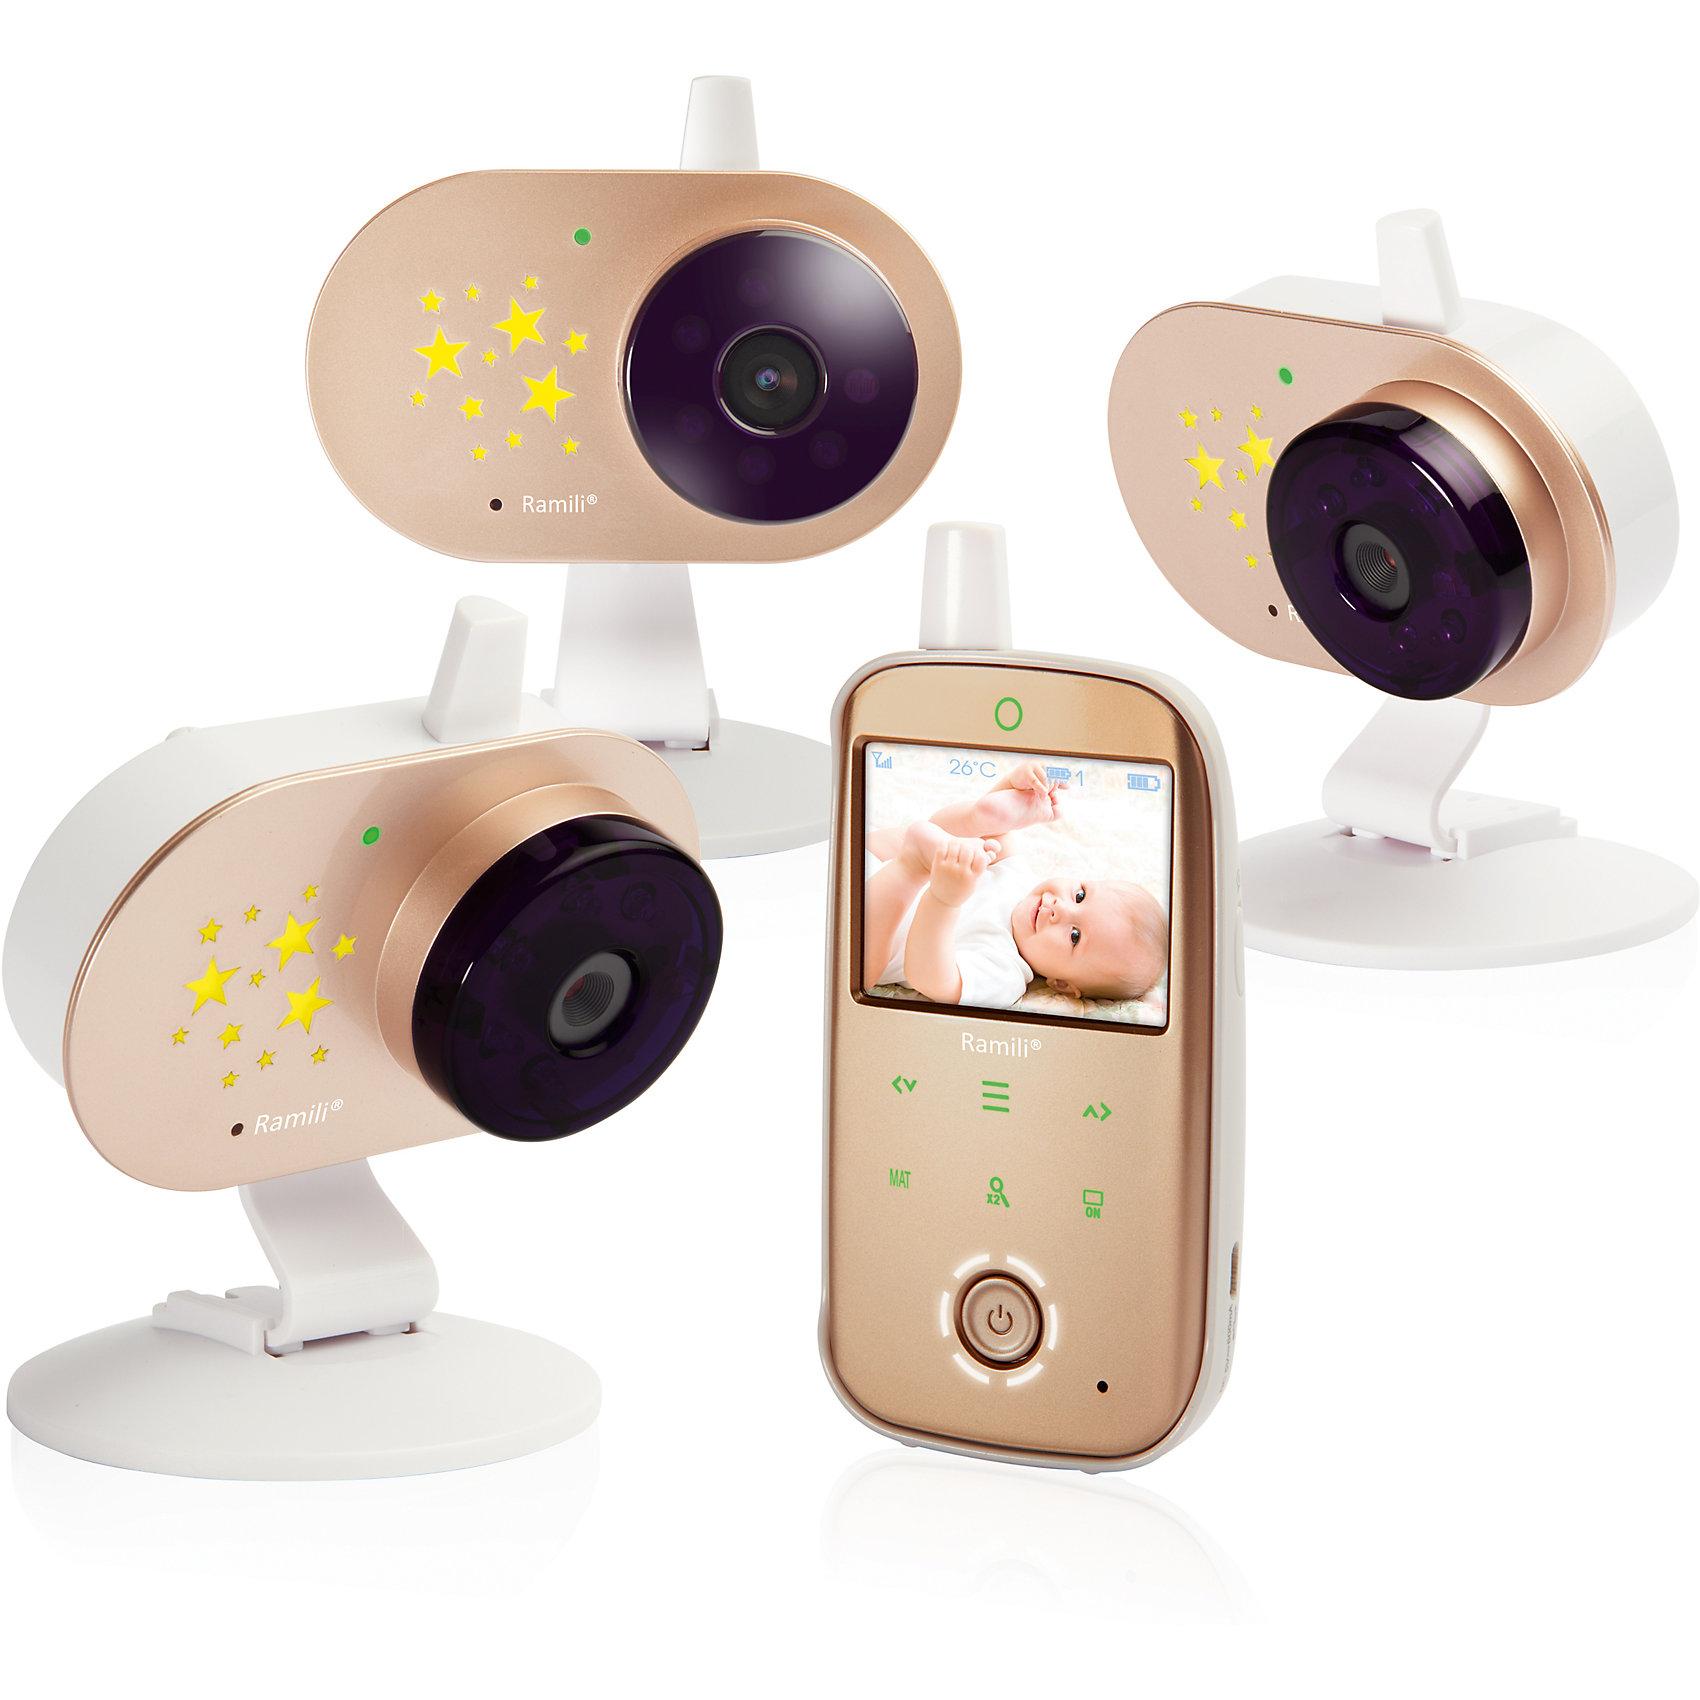 Видеоняня Ramil Baby RV1200X3Детская бытовая техника<br>Видеоняня Baby RV1200X3, Ramili (Рамили)<br><br>• стабильная передача данных<br>• изображение без помех<br>• двухсторонний режим<br>• термометр <br>• цифровой зум<br>• встроенный проектор звездного неба<br>• функция ночного видения<br>• индикатор заряда<br>• оповещение о выходе из зоны покрытия<br>• кнопки с подсветкой<br>• возможно подключение монитора дыхания и дополнительных камер<br>• дальность действия - 300 метров<br>• количество камер: 3<br>• диагональ экрана: 6,1 см<br>• размер упаковки: 12х54х40 см<br>• вес: 900 грамм<br><br>Видеоняня Baby RV1200X3 - настоящий помощник родителей в вопросах безопасности малыша. В комплект входят три видеокамеры и родительский блок с монитором. При необходимости вы можете подключить дополнительные камеры и монитор дыхания. Комплект оснащен функцией двухсторонней связи, благодаря чему, вы сможете общаться с малышом и успокаивать его. <br><br>Встроенный термометр оповестит вас о повышении или понижении температуры в детской комнате. Встроенный проектор выключается автоматически при обнаружении плача. Малыш сможет наслаждаться видом звездного неба, пока ждет родителей. <br><br>Родительский блок оснащен индикатором заряда и сигналом, оповещающим о выходе из зоны покрытия. Современная модель видеоняни гарантирует стабильную передачу данных, изображение без помех. В ночное время функция ночного видения включается автоматически. Дальность действия - 300 метров. <br><br>Видеоняню Baby RV1200X3, Ramili (Рамили) можно купить в нашем интернет-магазине.<br><br>Ширина мм: 120<br>Глубина мм: 540<br>Высота мм: 400<br>Вес г: 900<br>Возраст от месяцев: 0<br>Возраст до месяцев: 1188<br>Пол: Унисекс<br>Возраст: Детский<br>SKU: 5516695